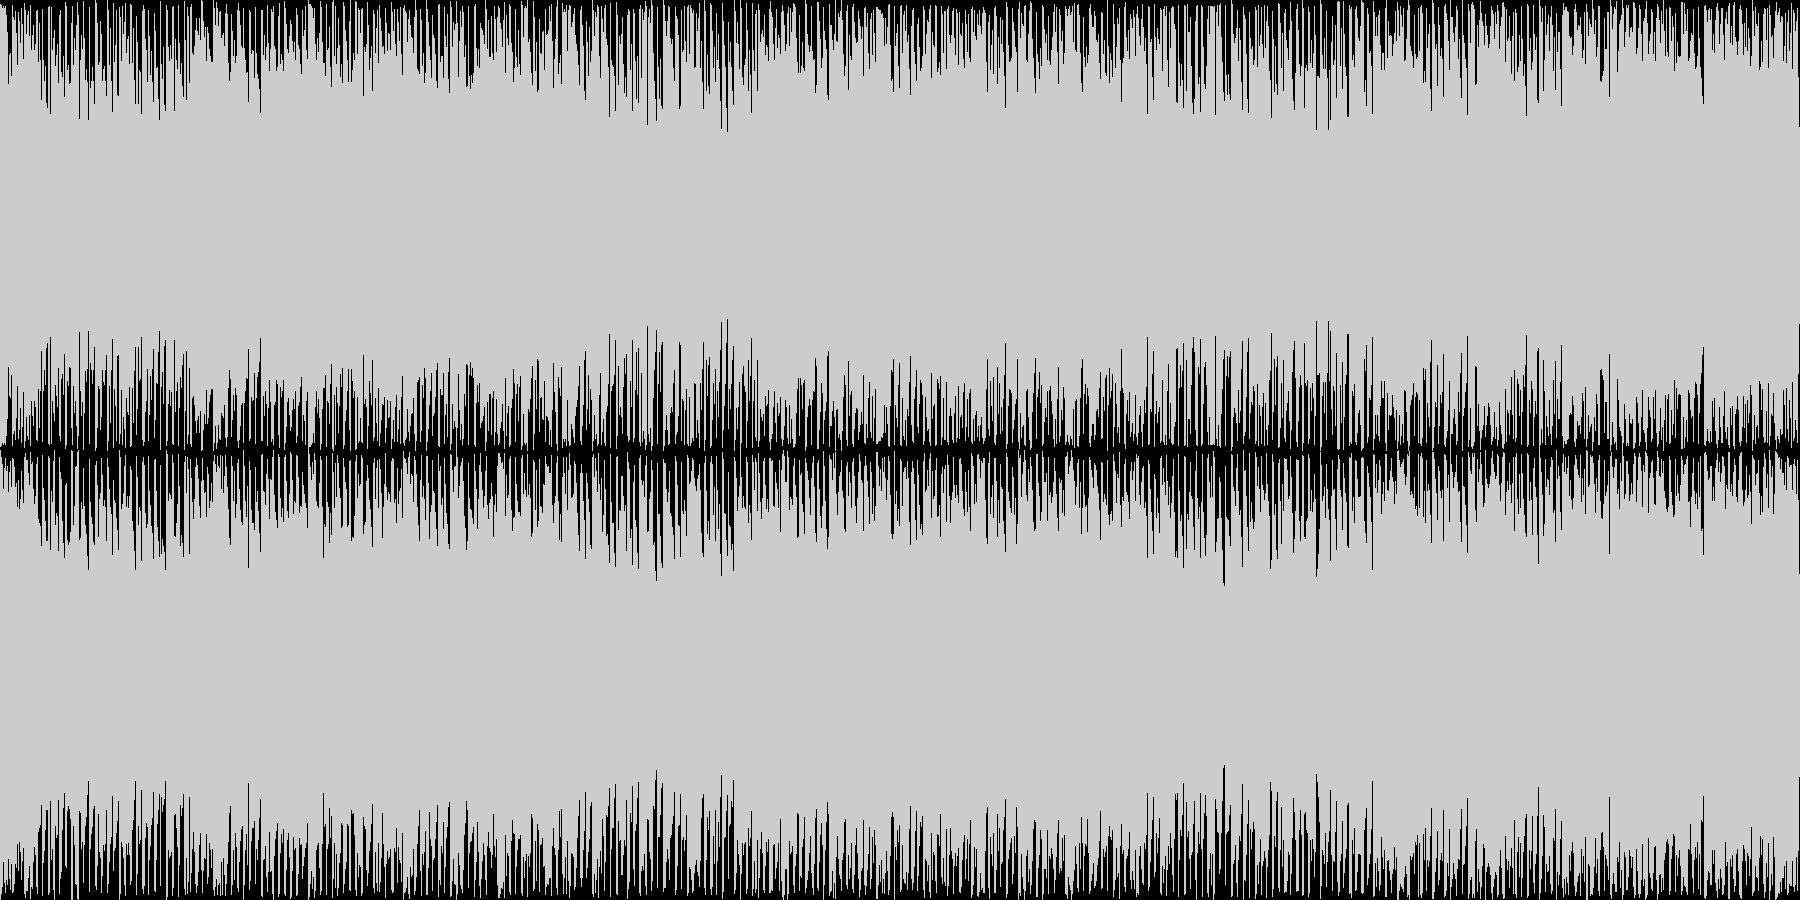 初代ぷよぷよのようなパズルゲーム ループの未再生の波形